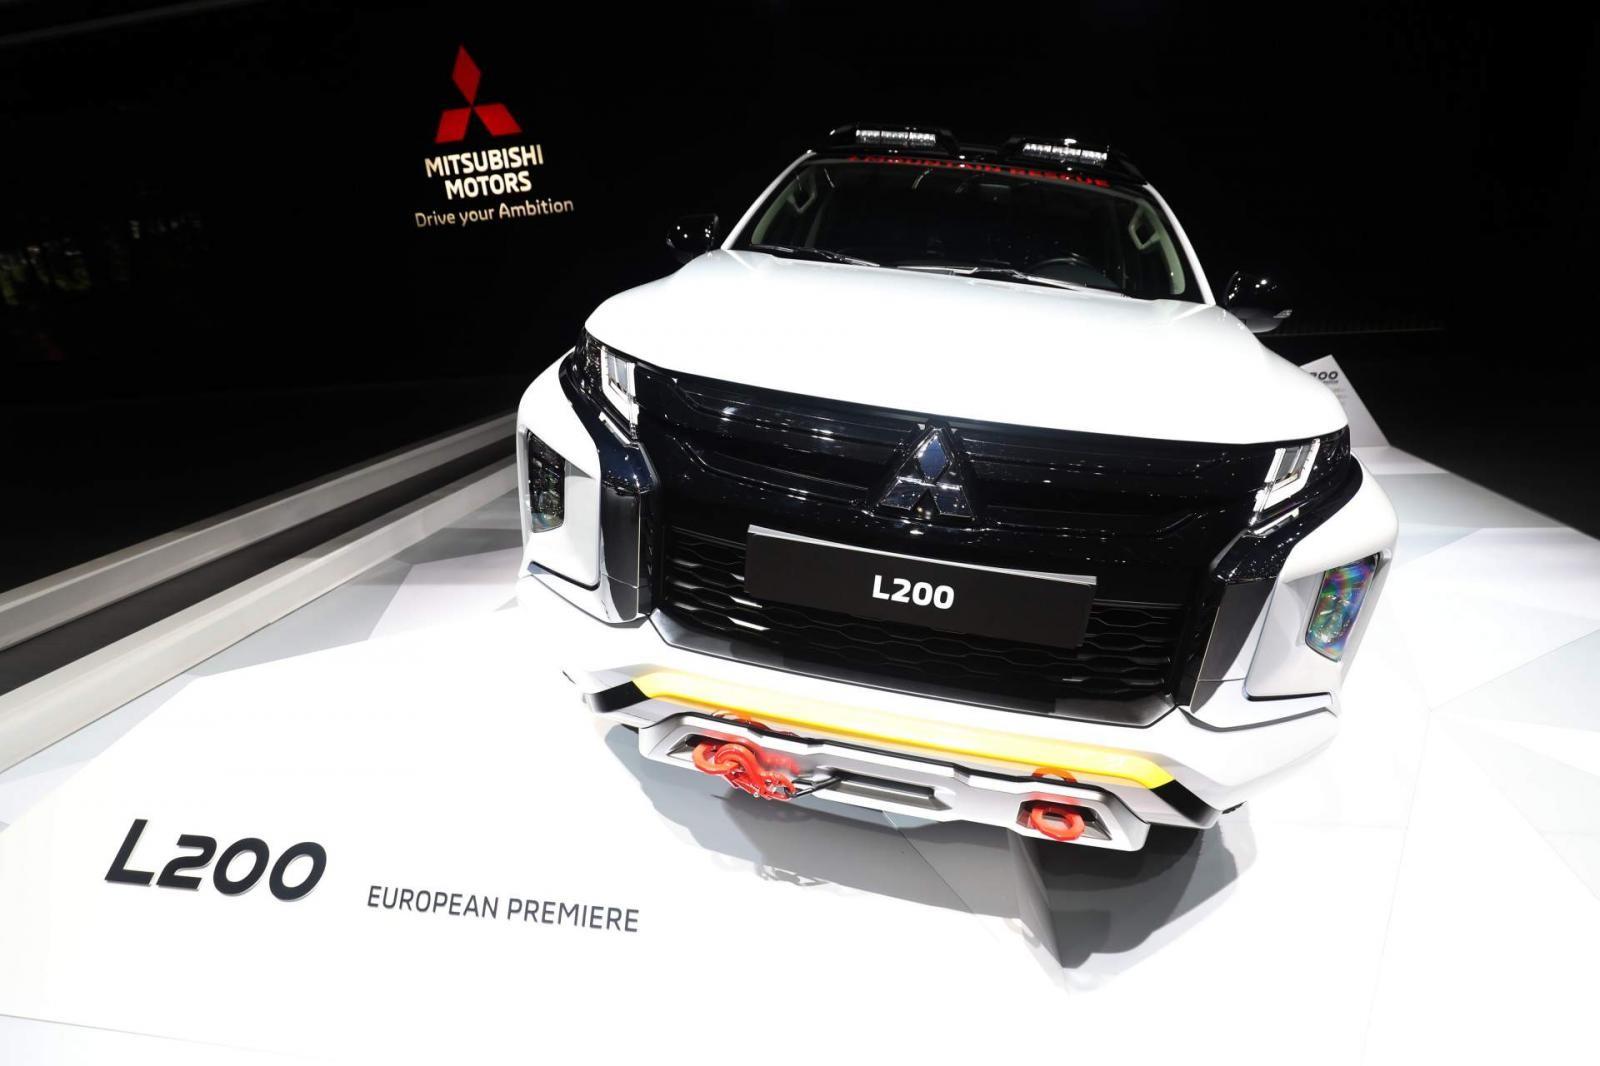 """Với cấu hình """"Mountain Rescue"""", Mitsubishi L200 2019 thêm phần hầm hố, khỏe khoắn"""